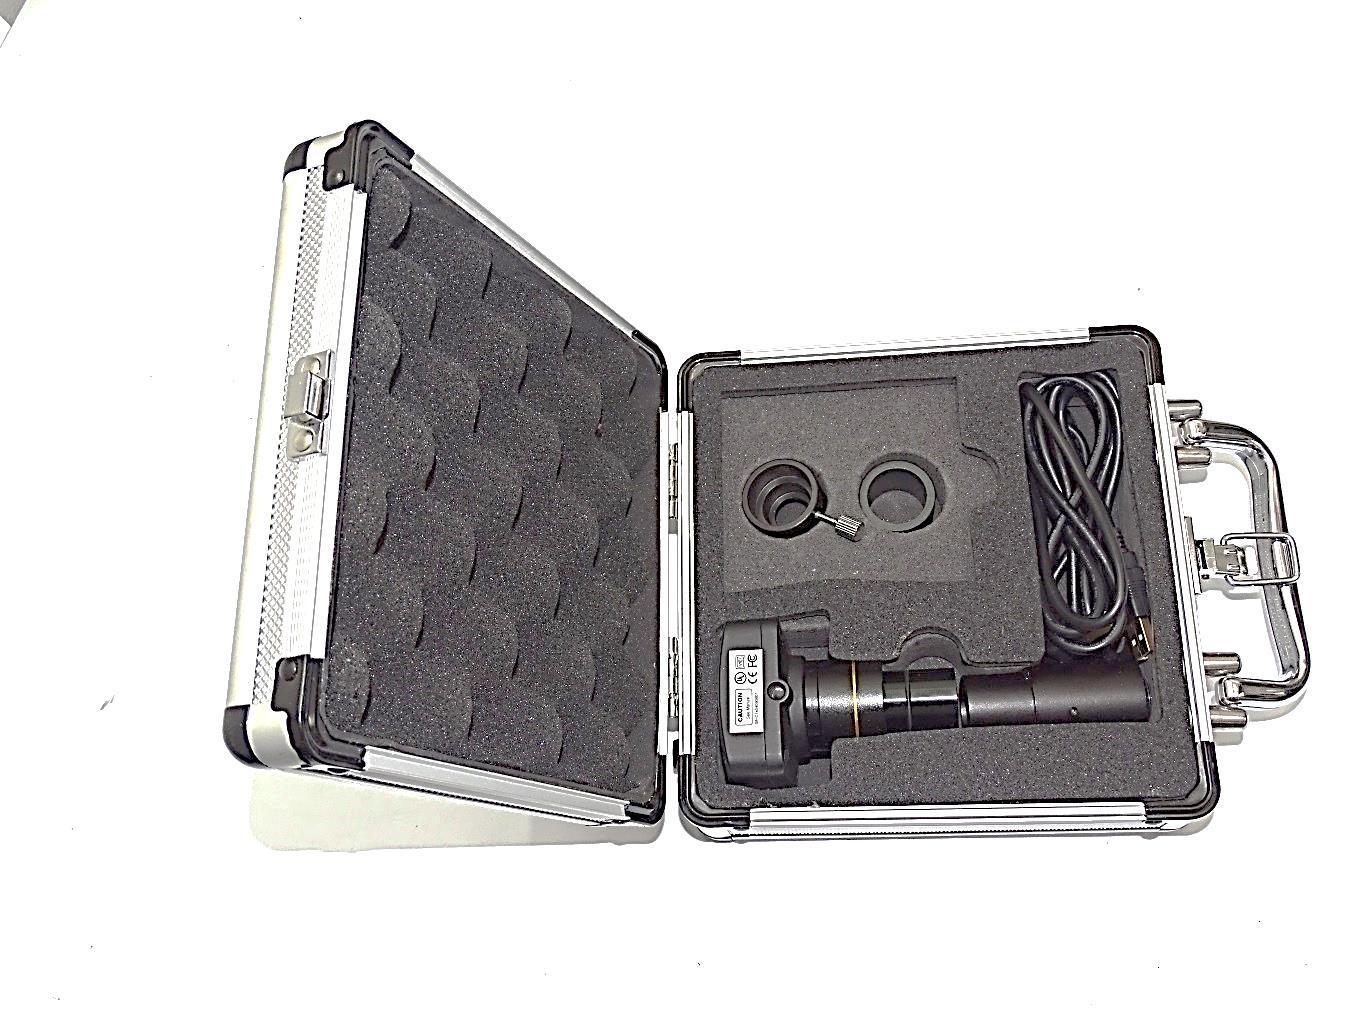 C:\2020\laboratorios\Fotos microscopioy balanzas\DSC00294.JPG